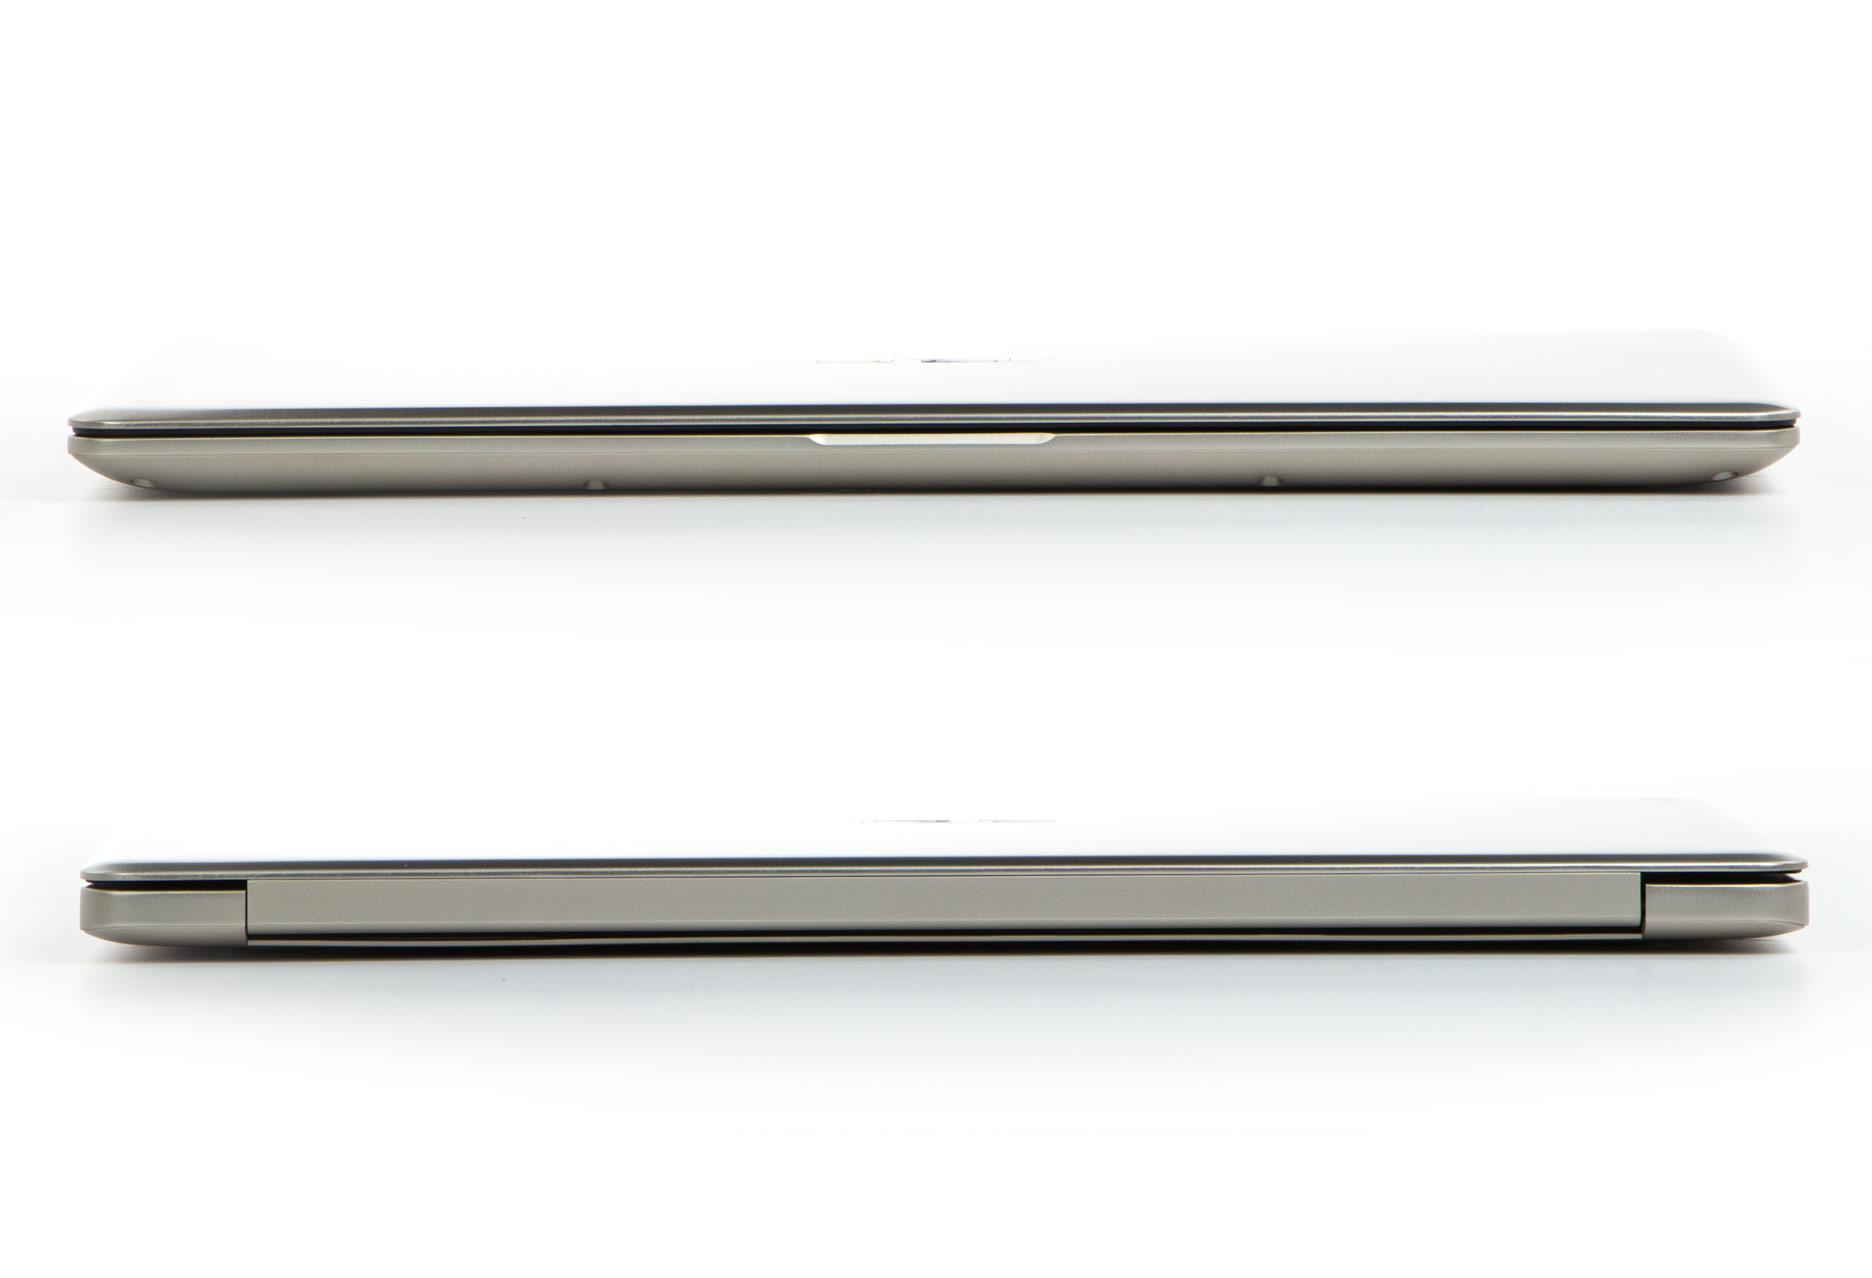 Asus VivoBook Pro 15 przód i tył